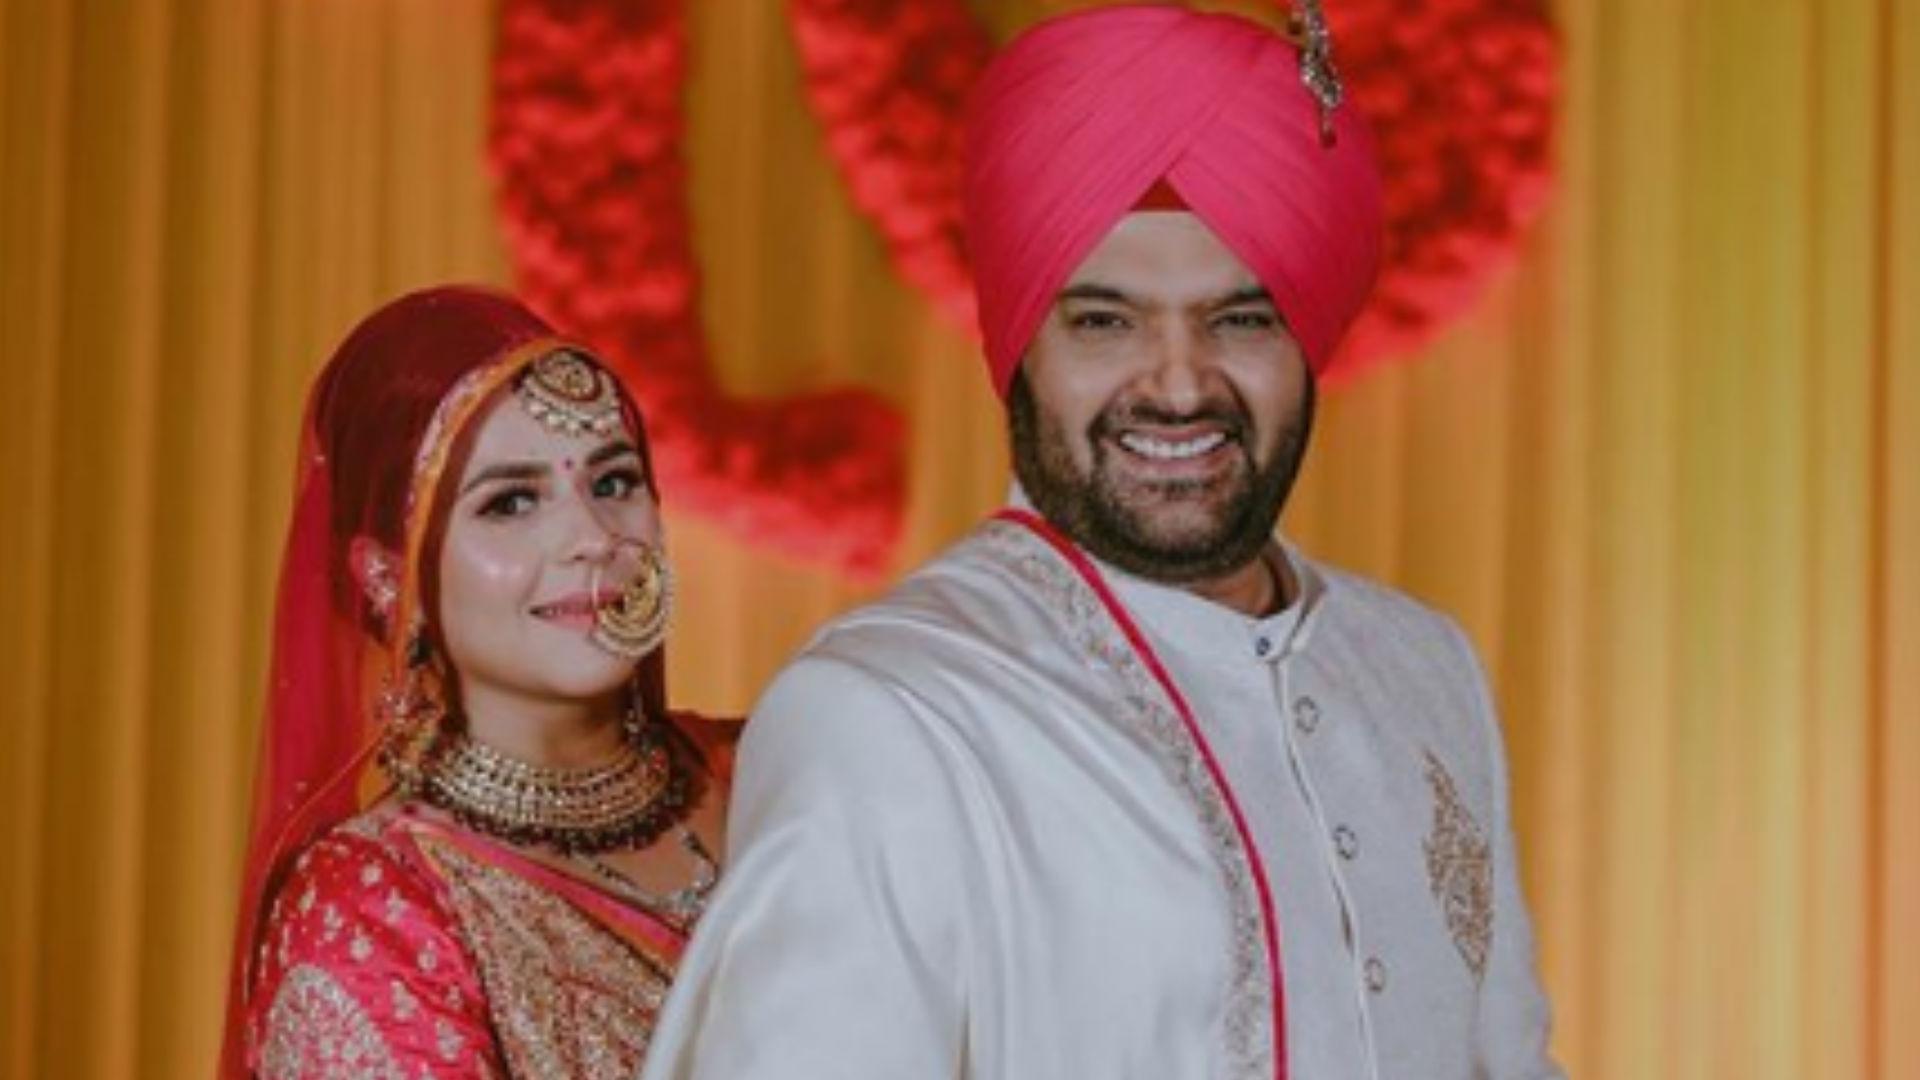 बचपन में कुछ ऐसी नजर आती थी कपिल शर्मा की पत्नी गिन्नी चतरथ, तस्वीरें देखकर कह उठेंगे- सो स्वीट